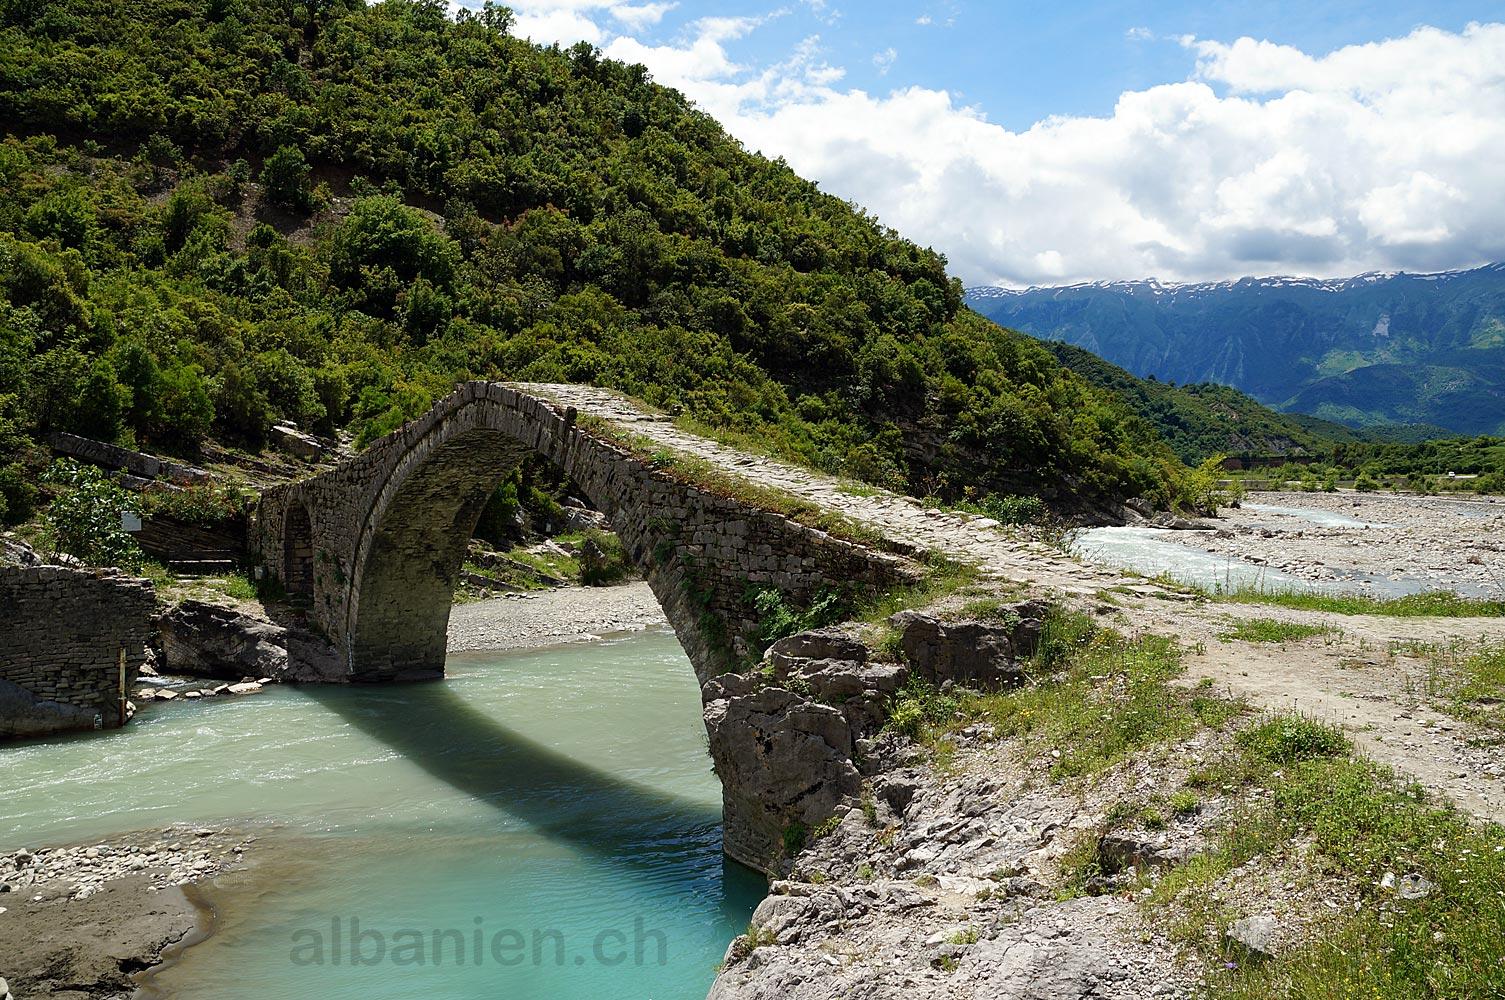 Bënja –Ura e Kadiut